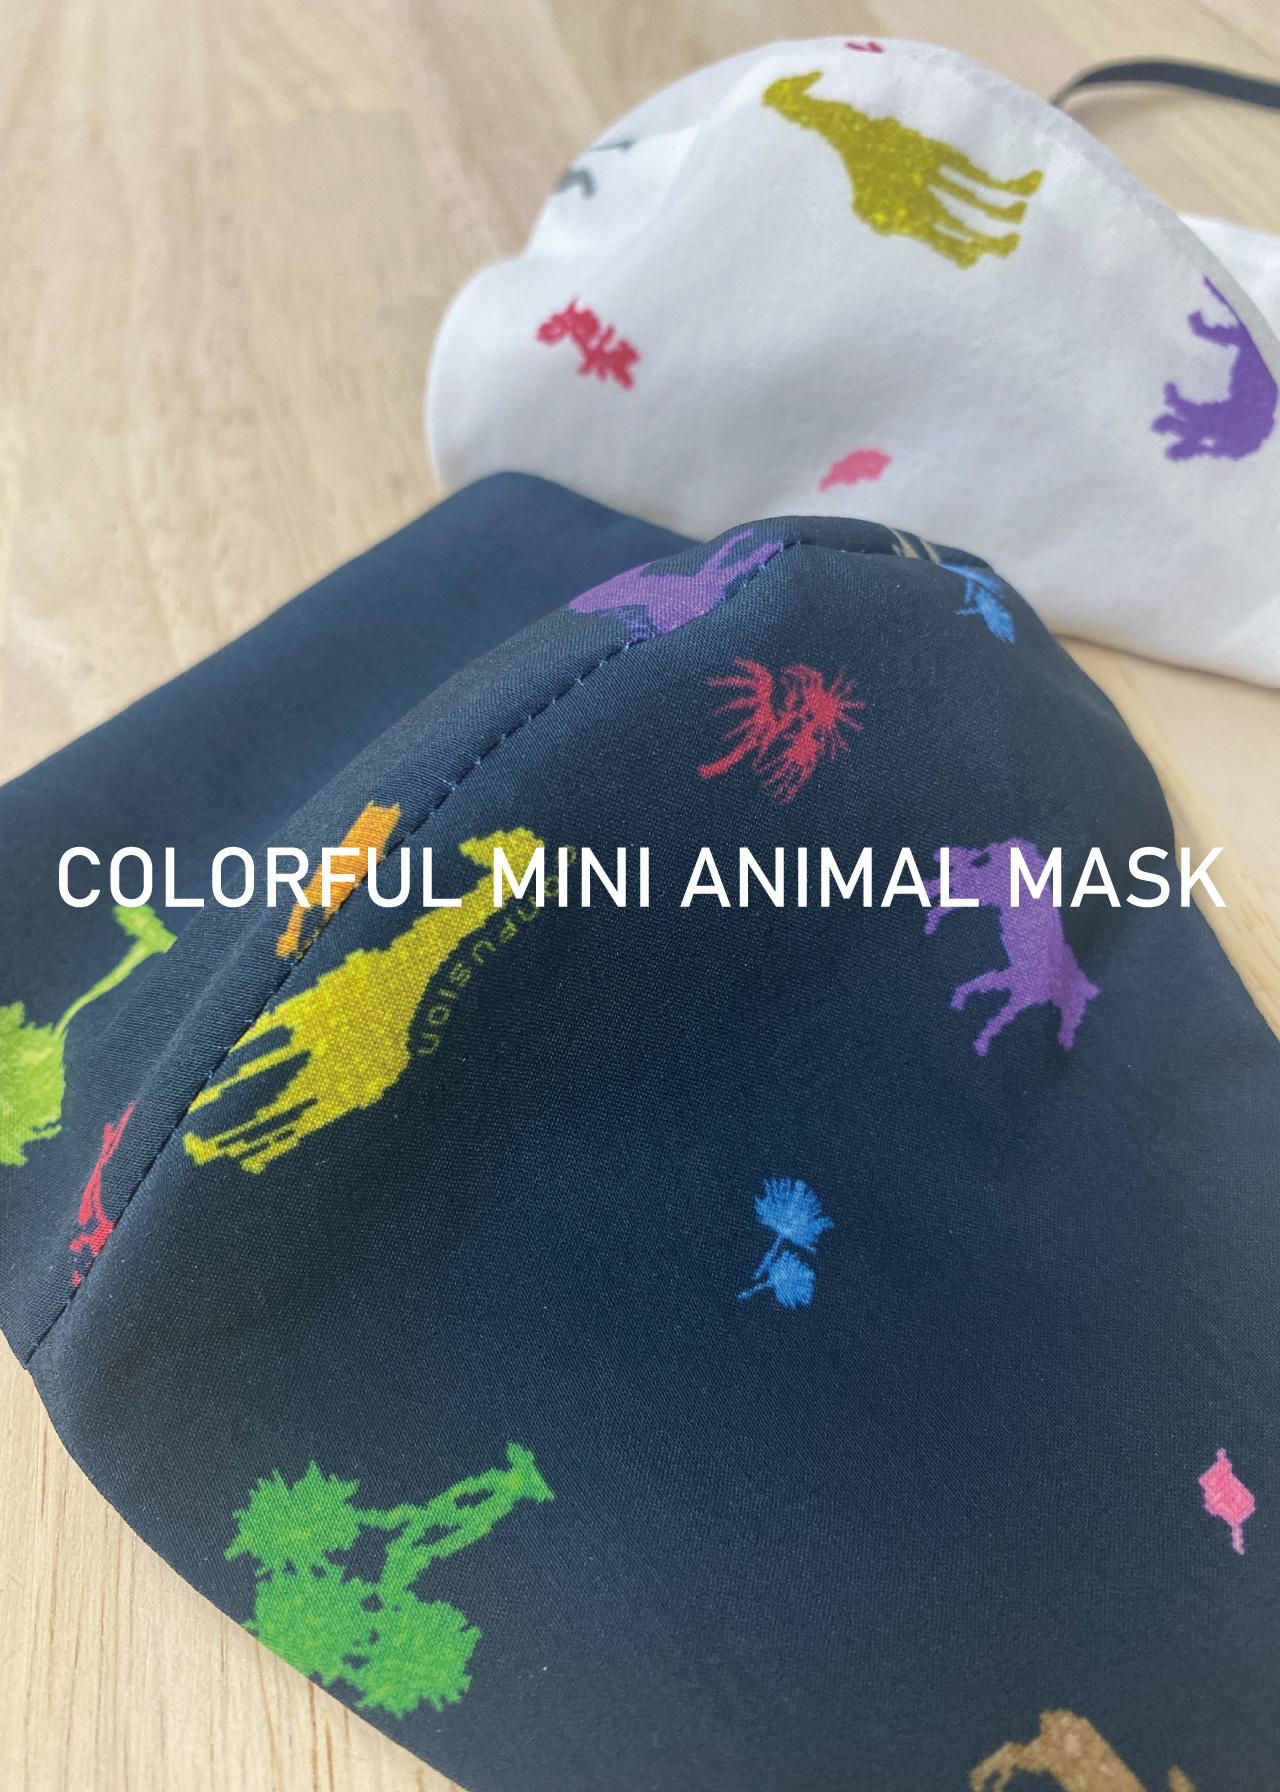 COLORFUL MINI-ANIMAL MASK (大人用) ※入荷待ち